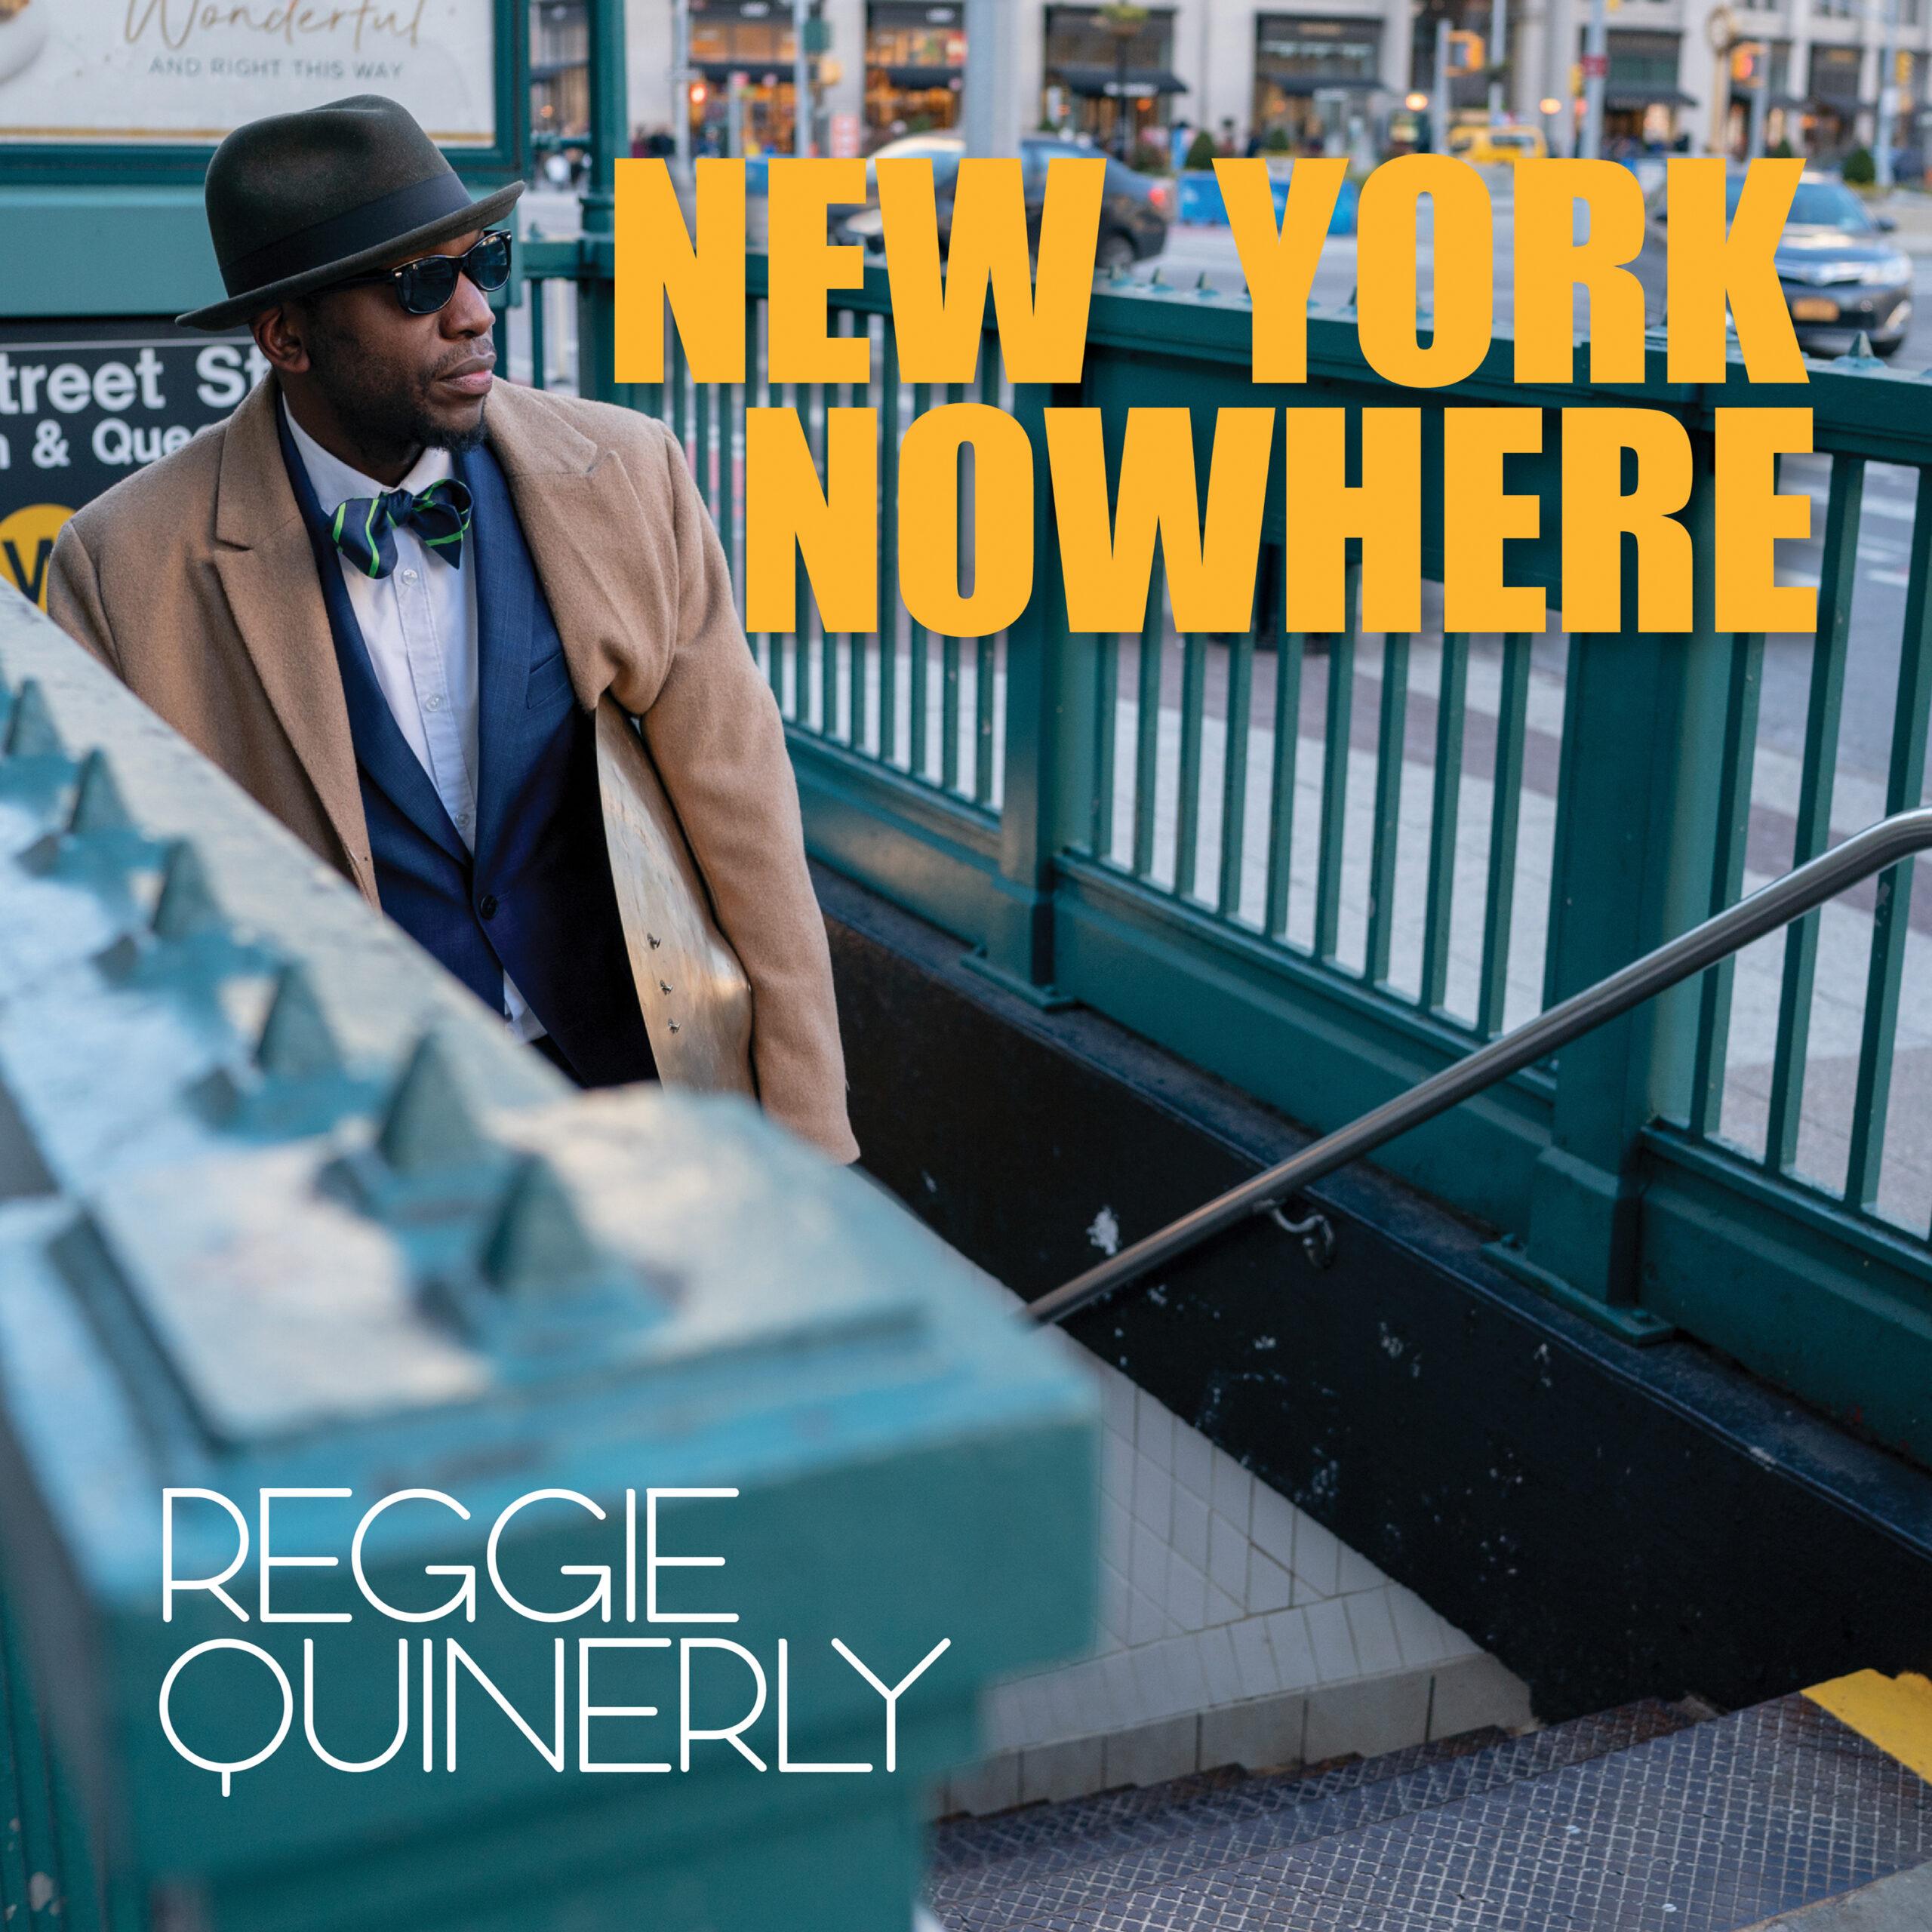 Reggie Quinerly: New York Nowhere